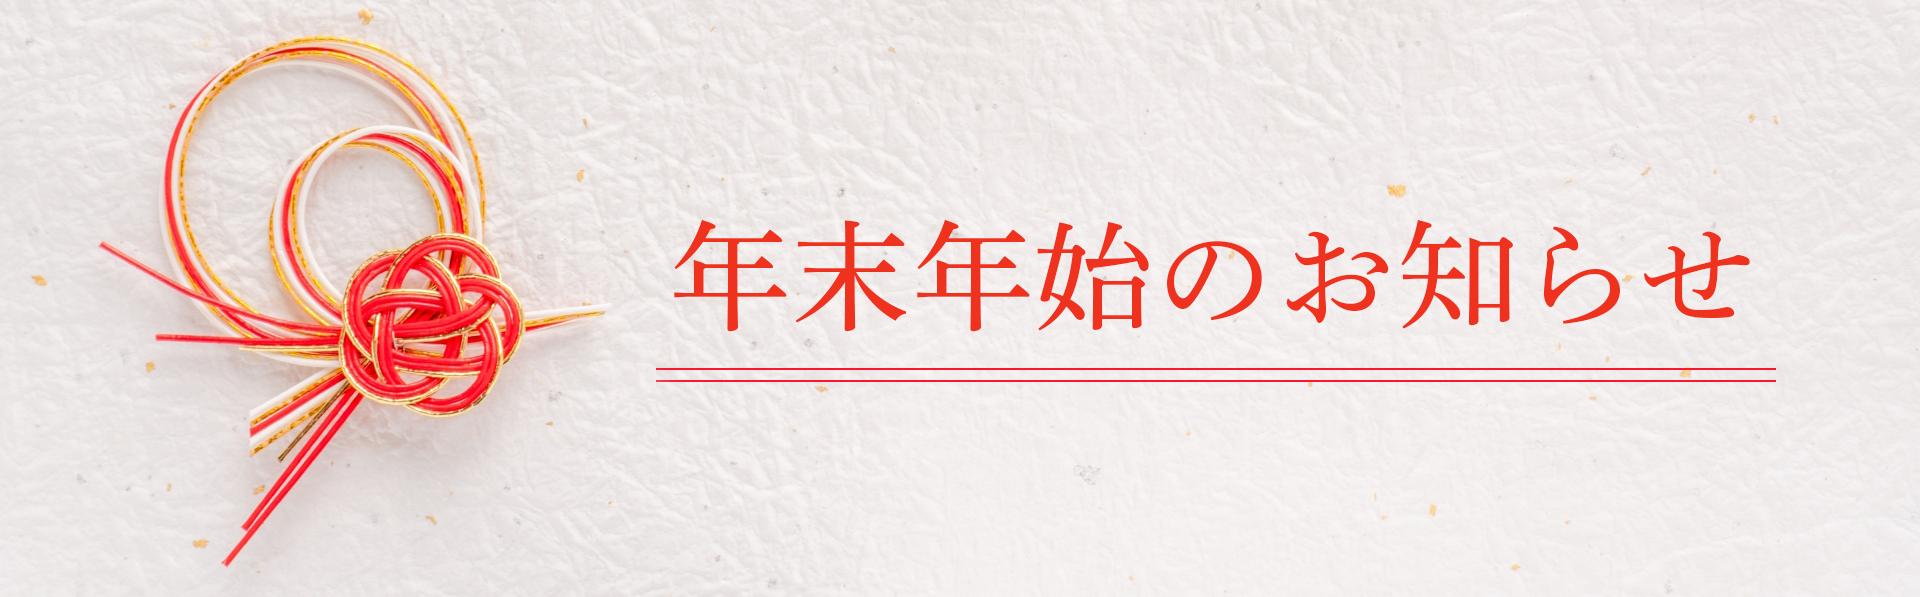 nenmatusensi_yoko.jpg